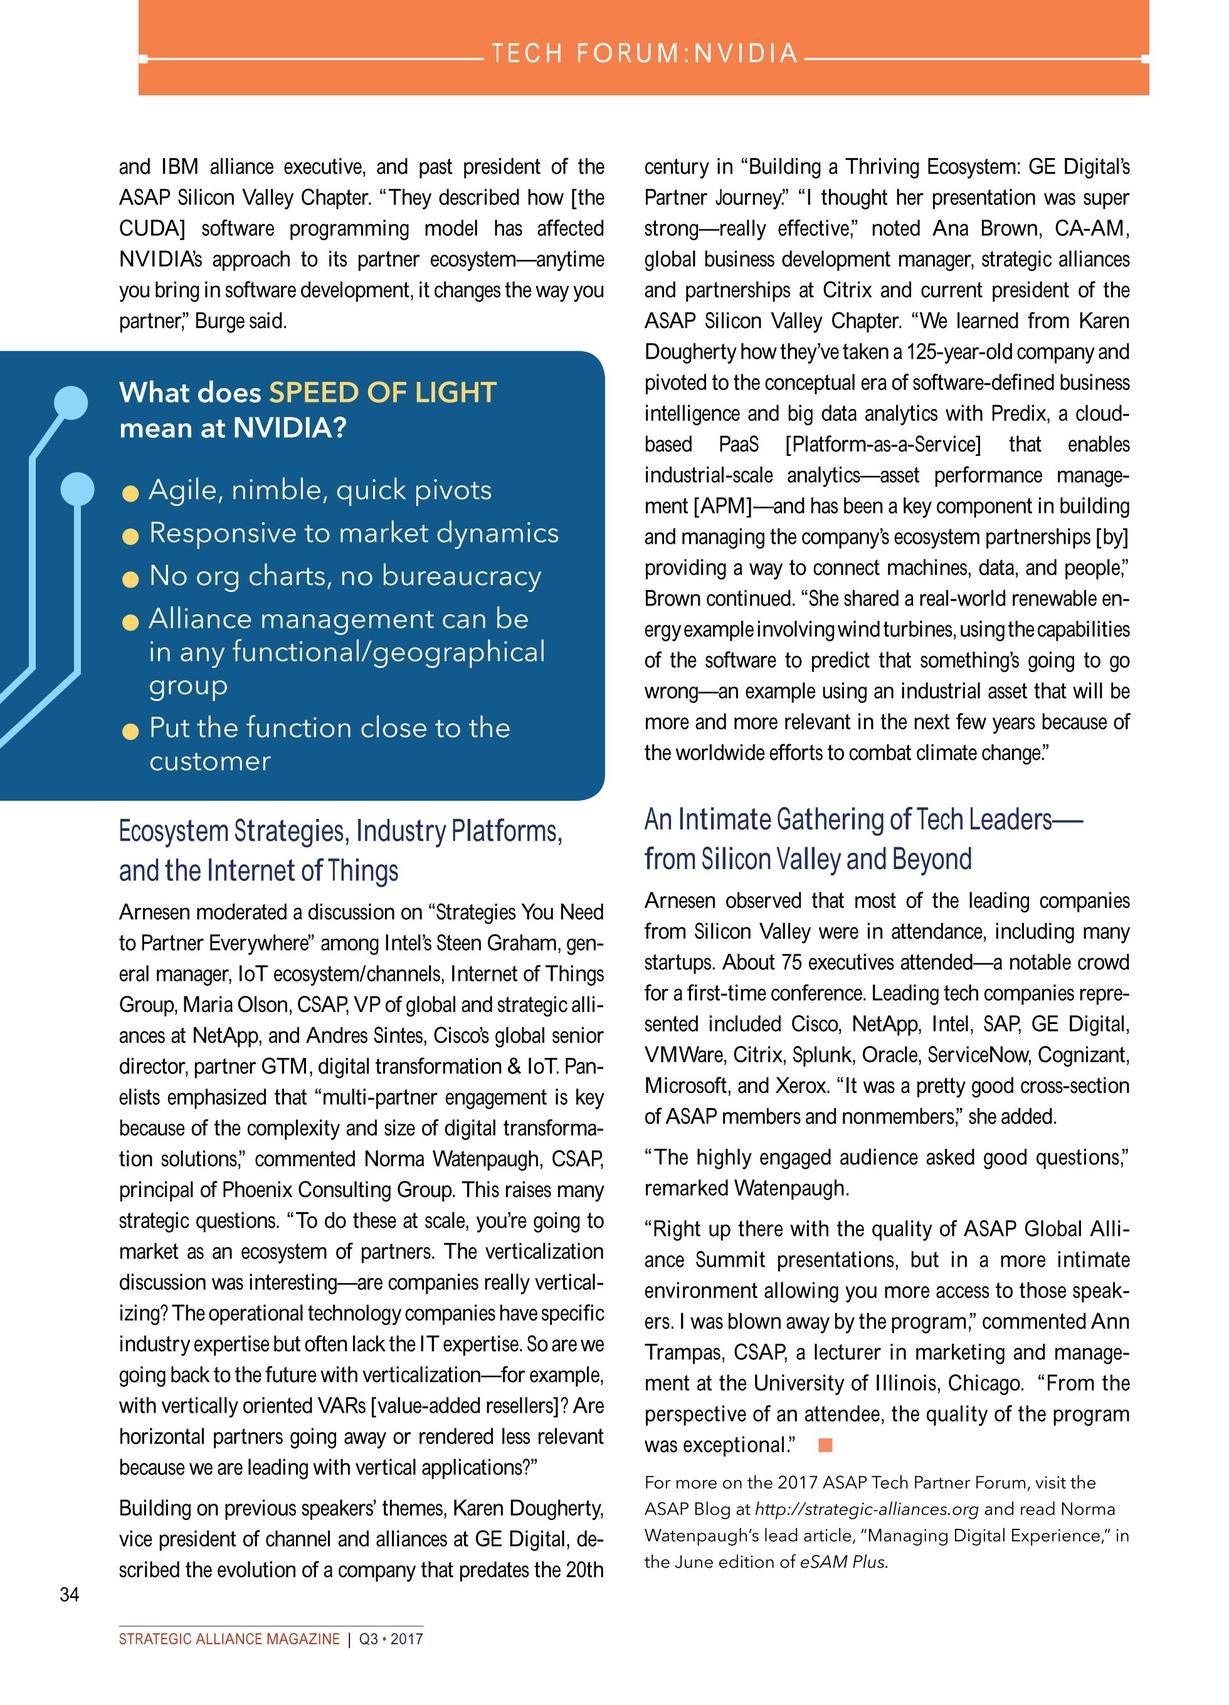 Strategic Alliance Magazine Q3 2017